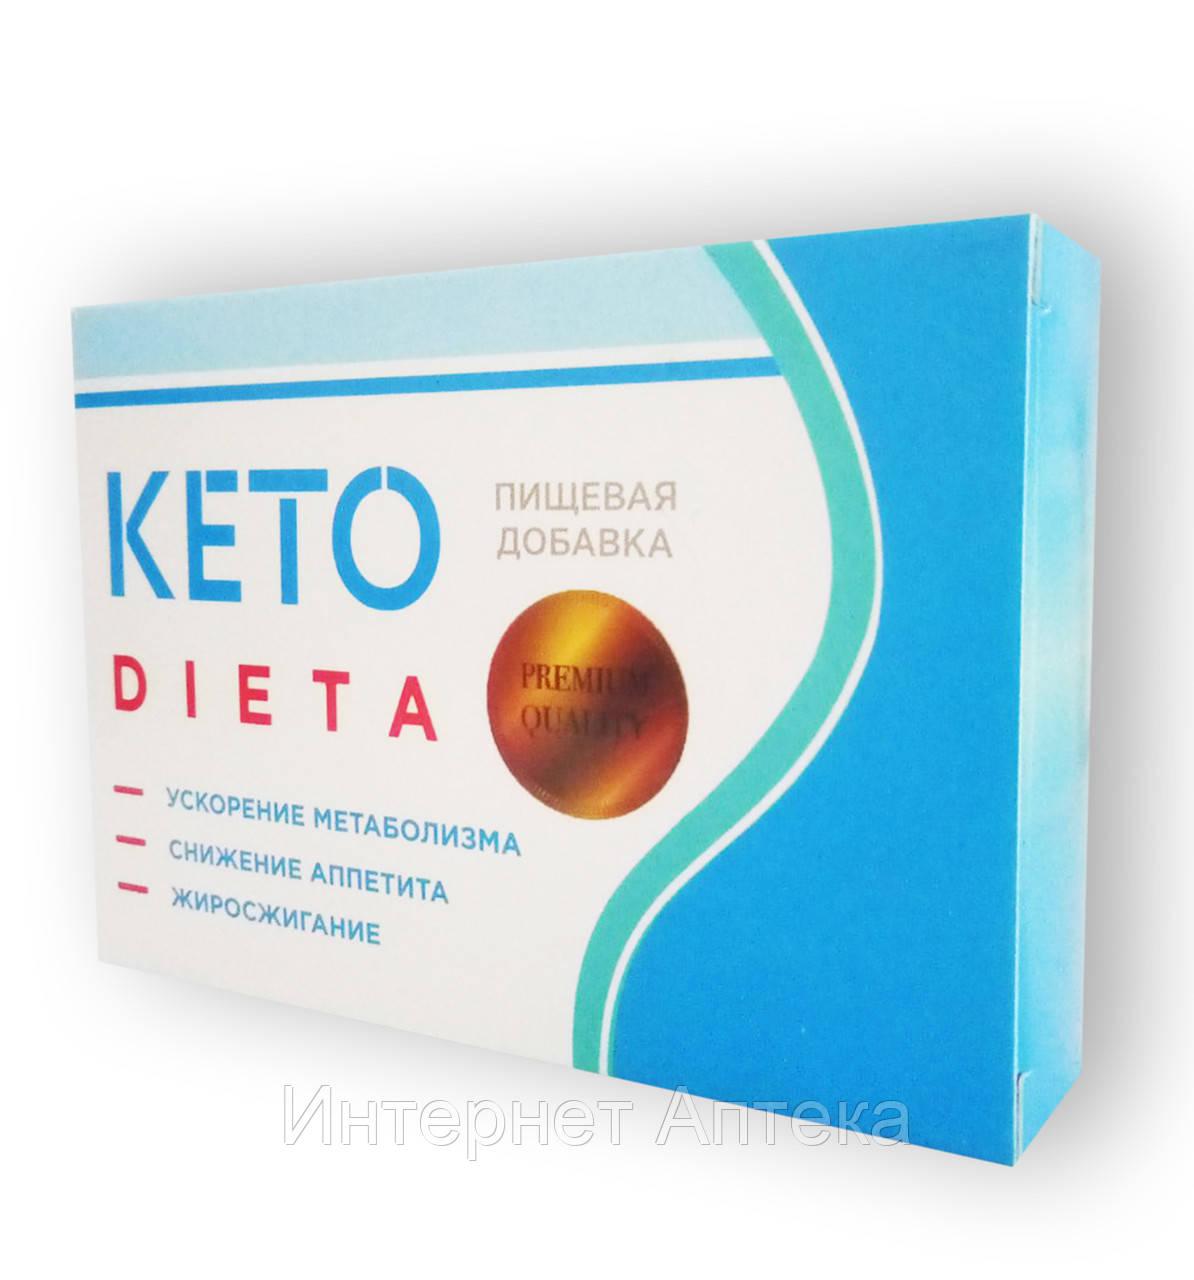 Капсулы для похудения Keto Dieta - Кето Диета